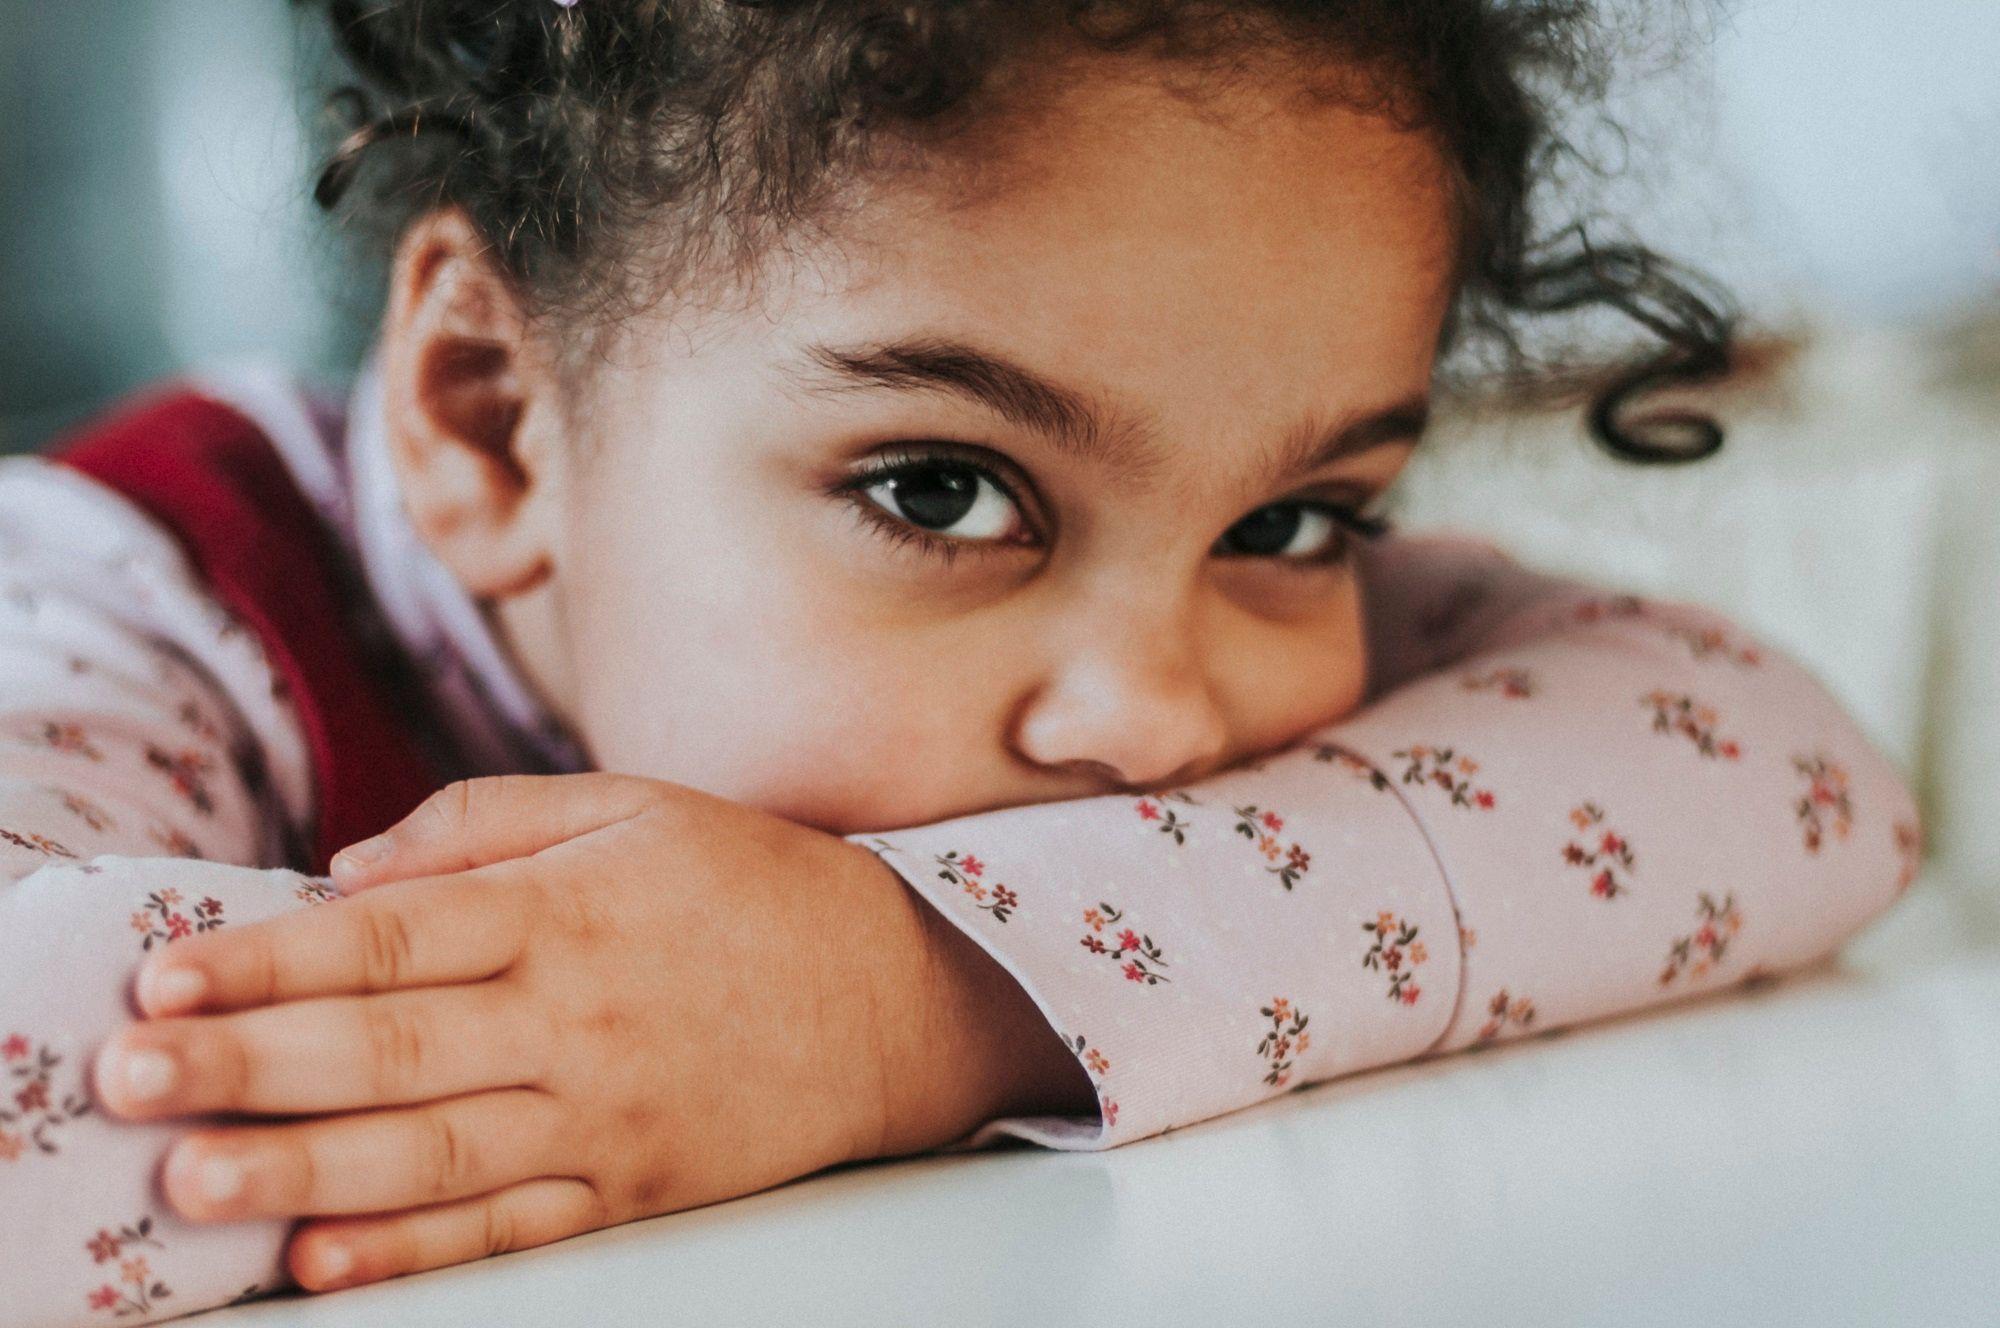 Asthénie de l enfant - Fatigue de l enfant - Doctissimo 565c949df4c